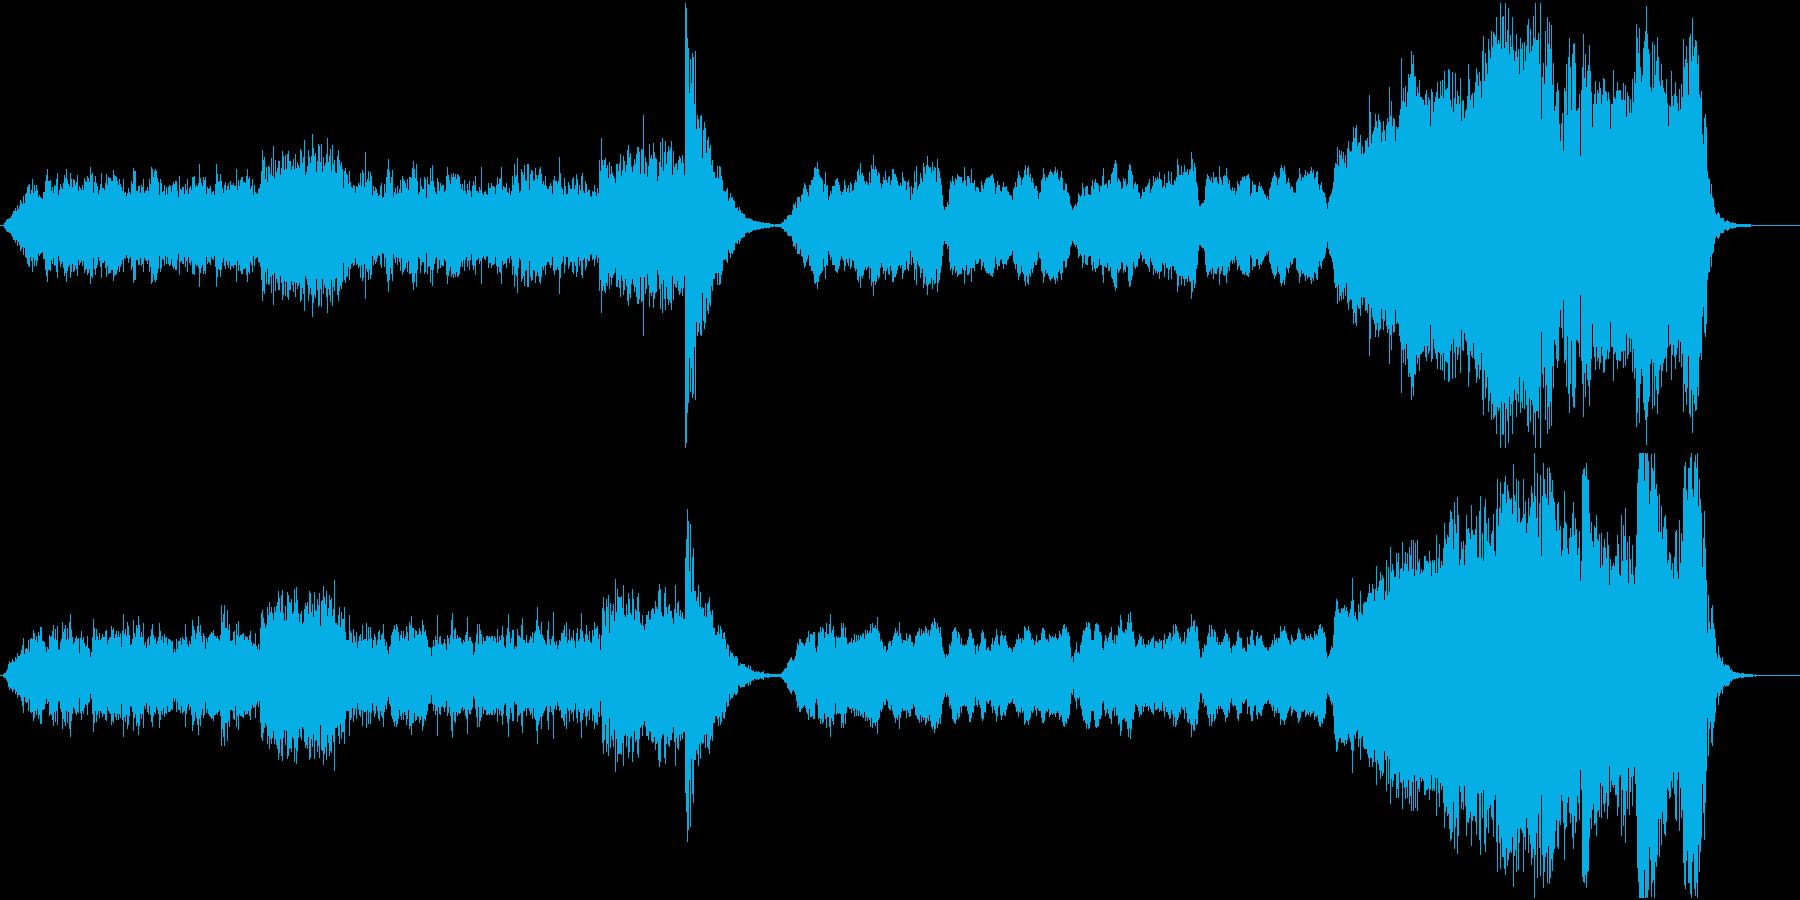 凍りつく洋画風ホラーBGMの再生済みの波形